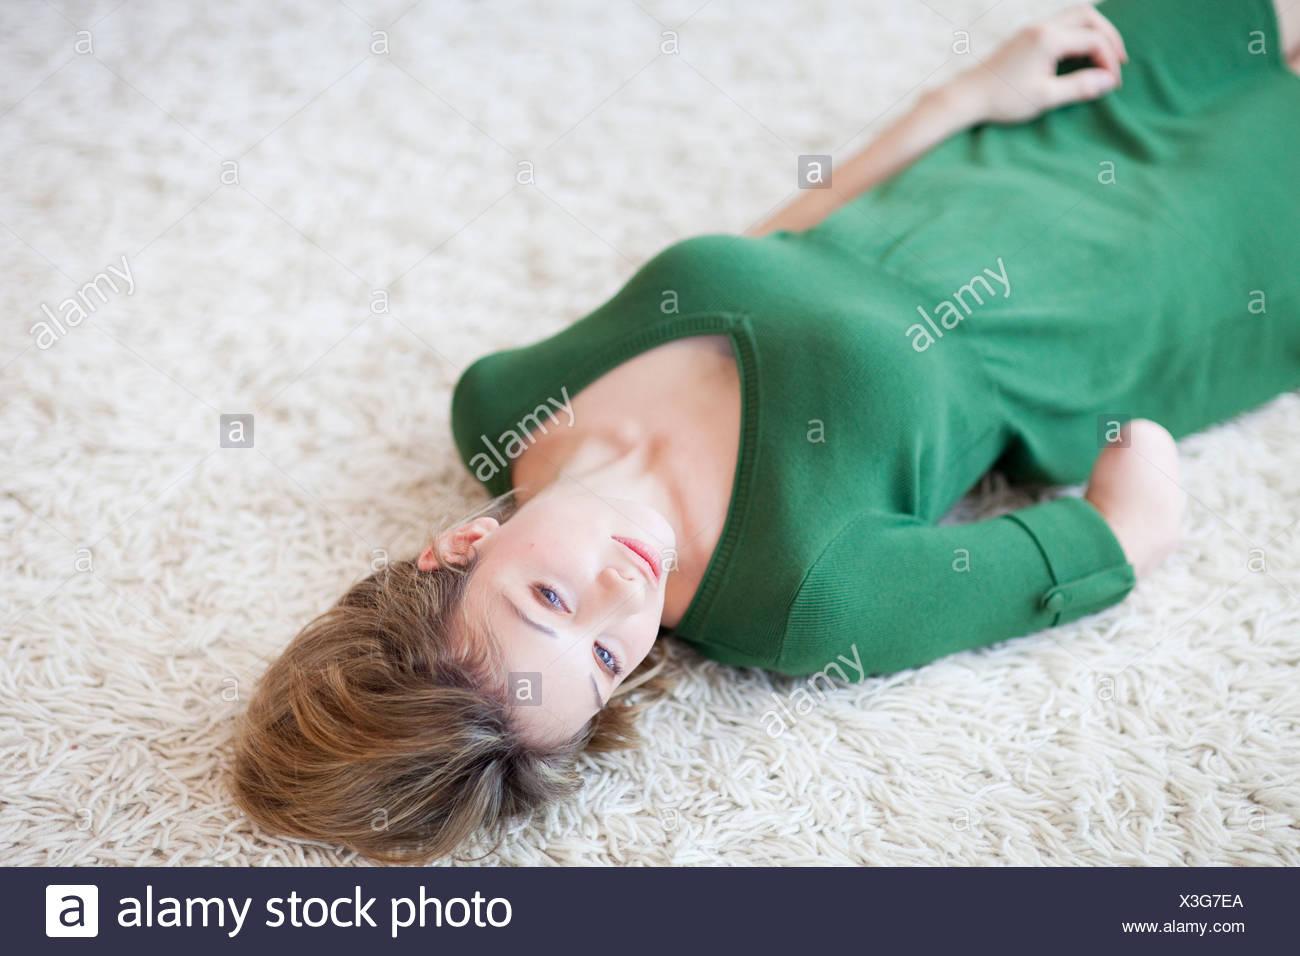 Junge Frau mit amputierten Arm auf Teppich, erhöhte Ansicht liegend Stockbild